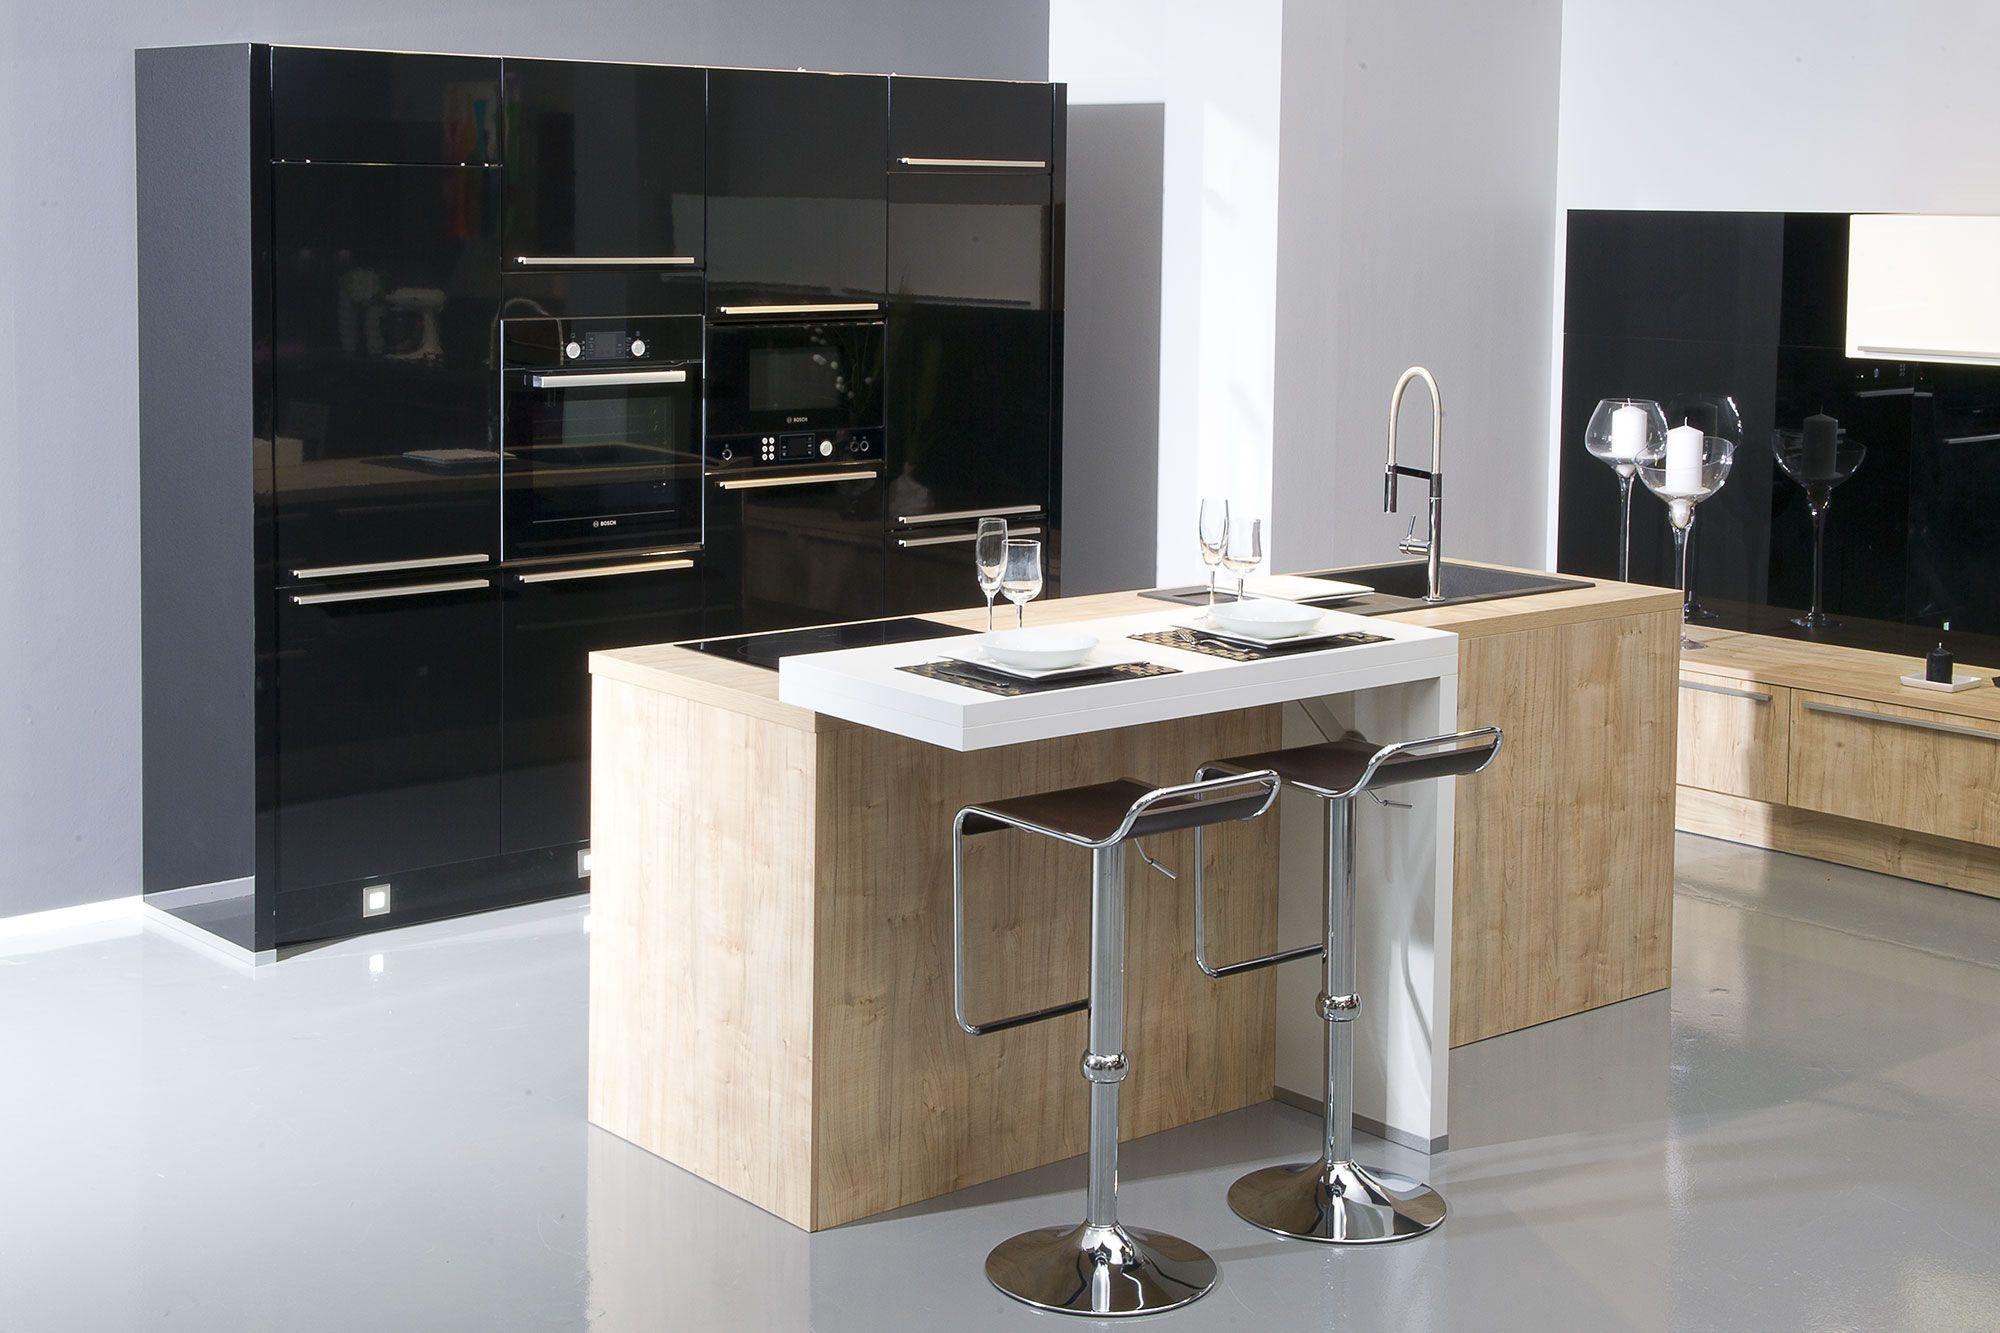 cuisine design compacte et masculine avec lot central duplex pinterest house. Black Bedroom Furniture Sets. Home Design Ideas